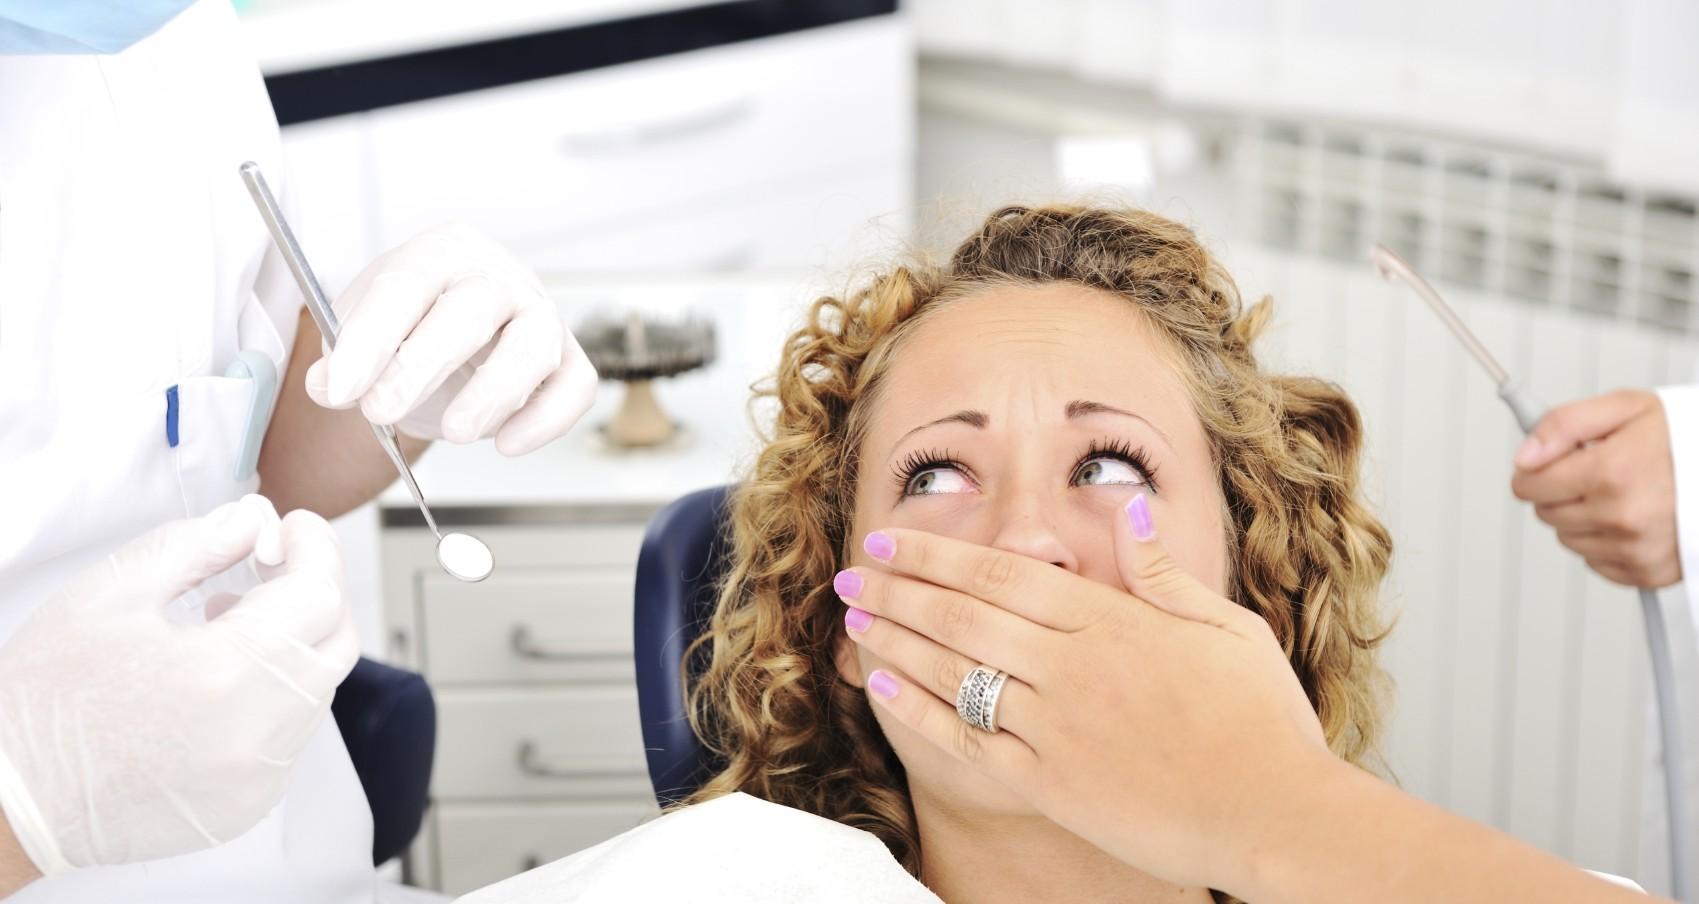 miedo-al-dentista-2